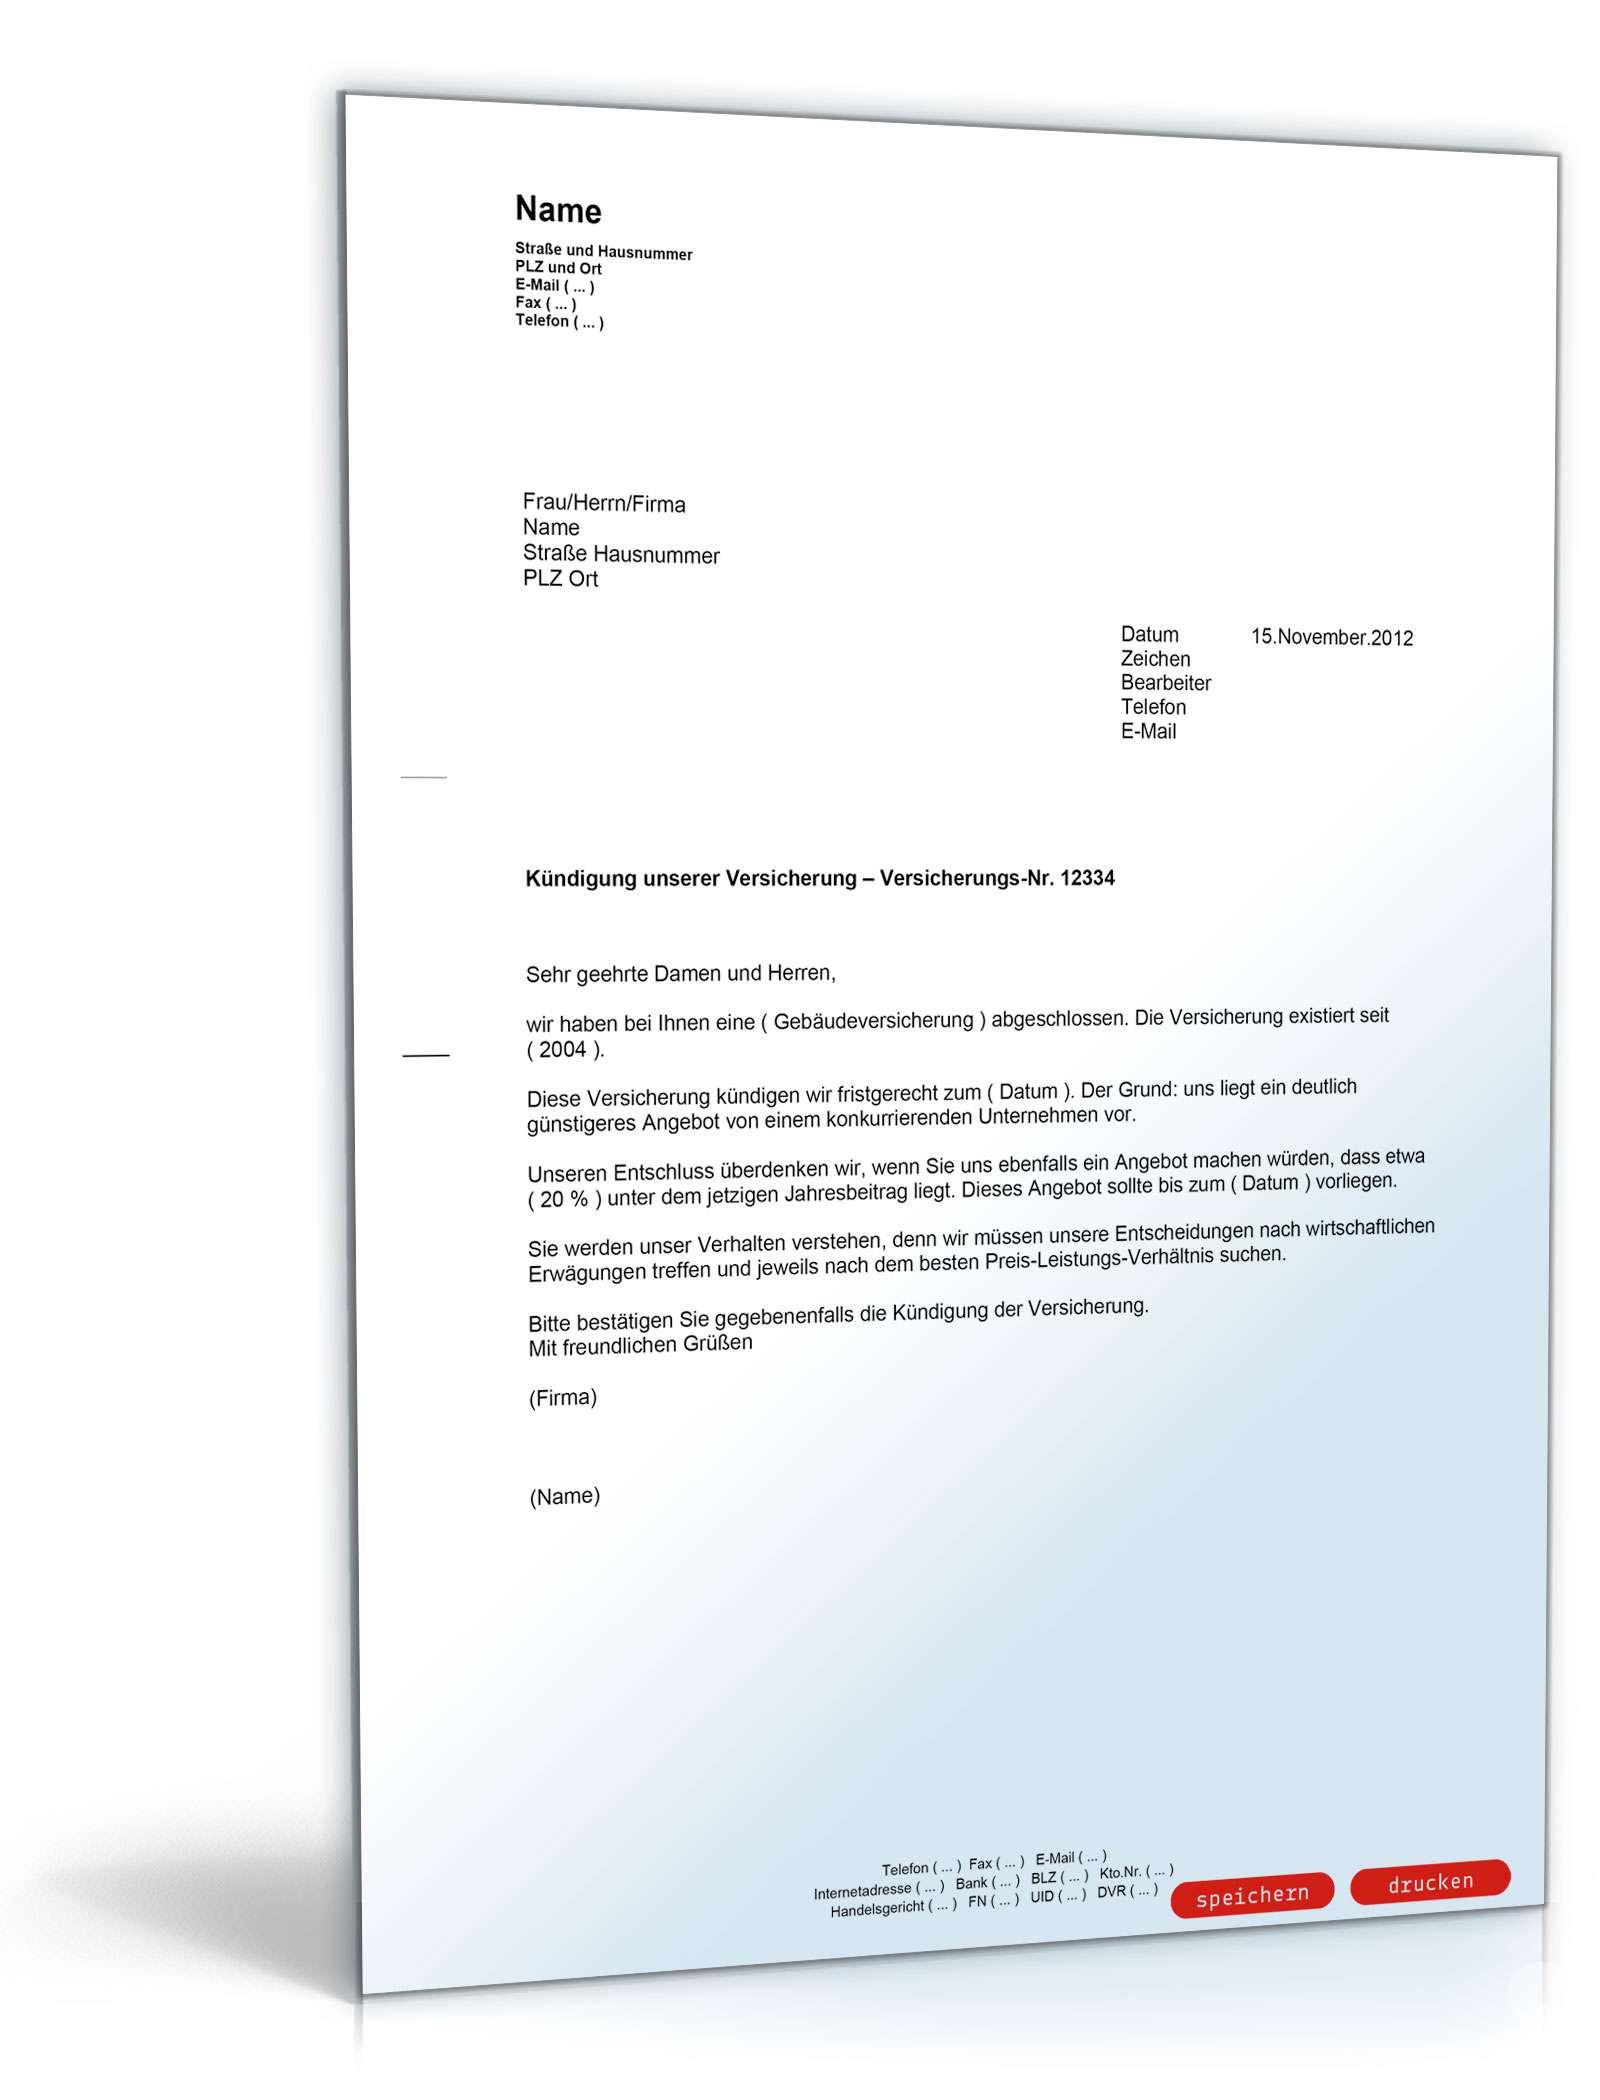 Kündigung einer Versicherung - Muster-Vorlage zum Download